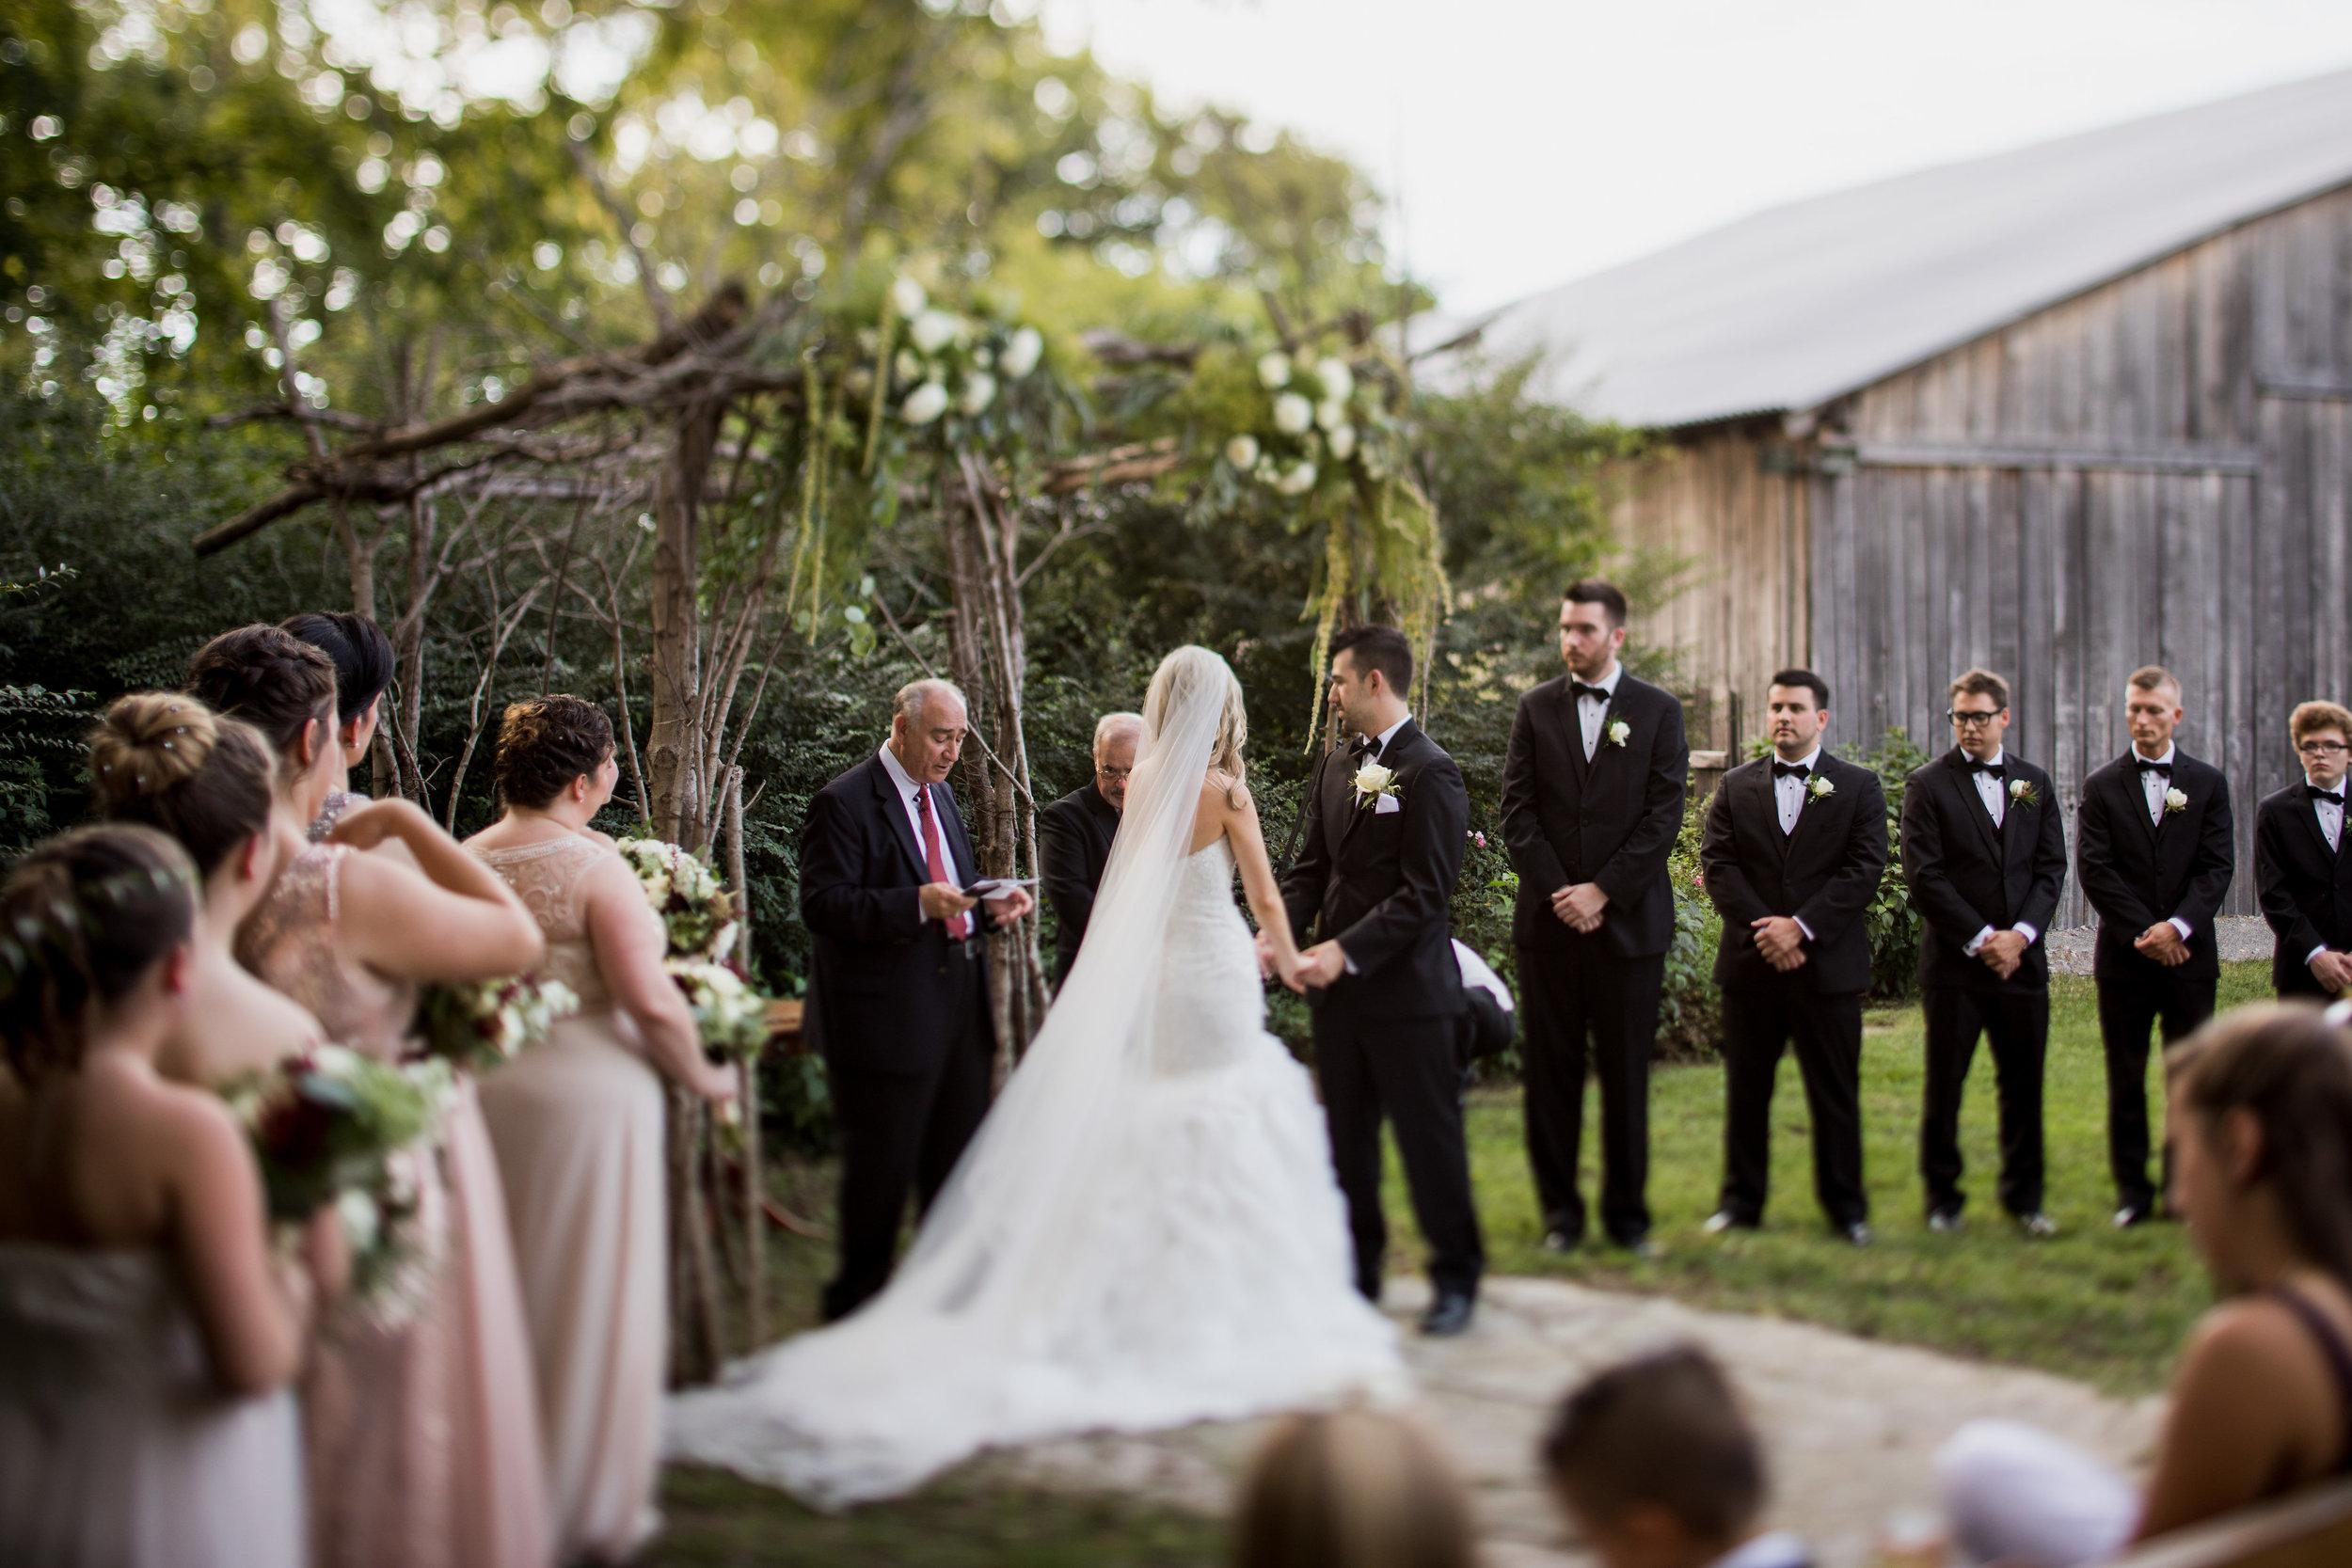 Meadow-Hill-Farm-Wedding 20.jpg